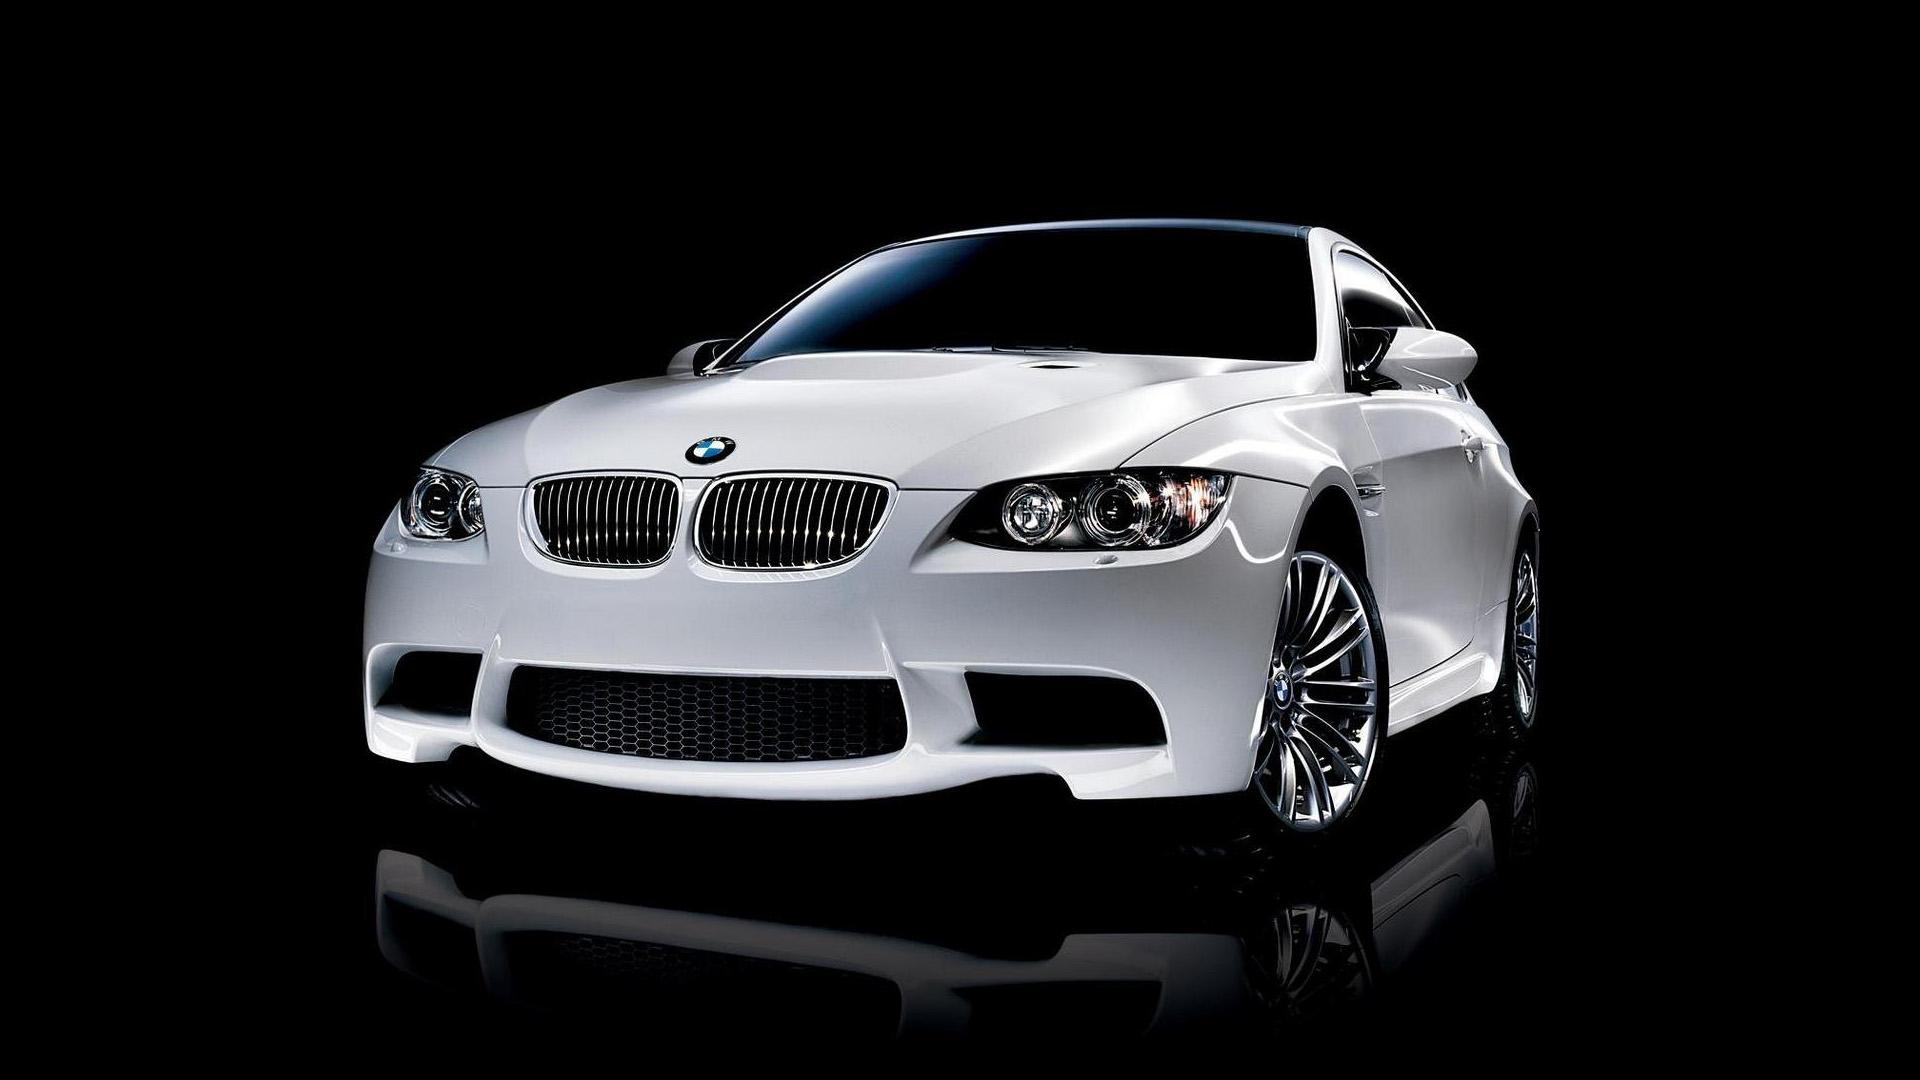 BMW m3 Car HD Wallpaper 1080p